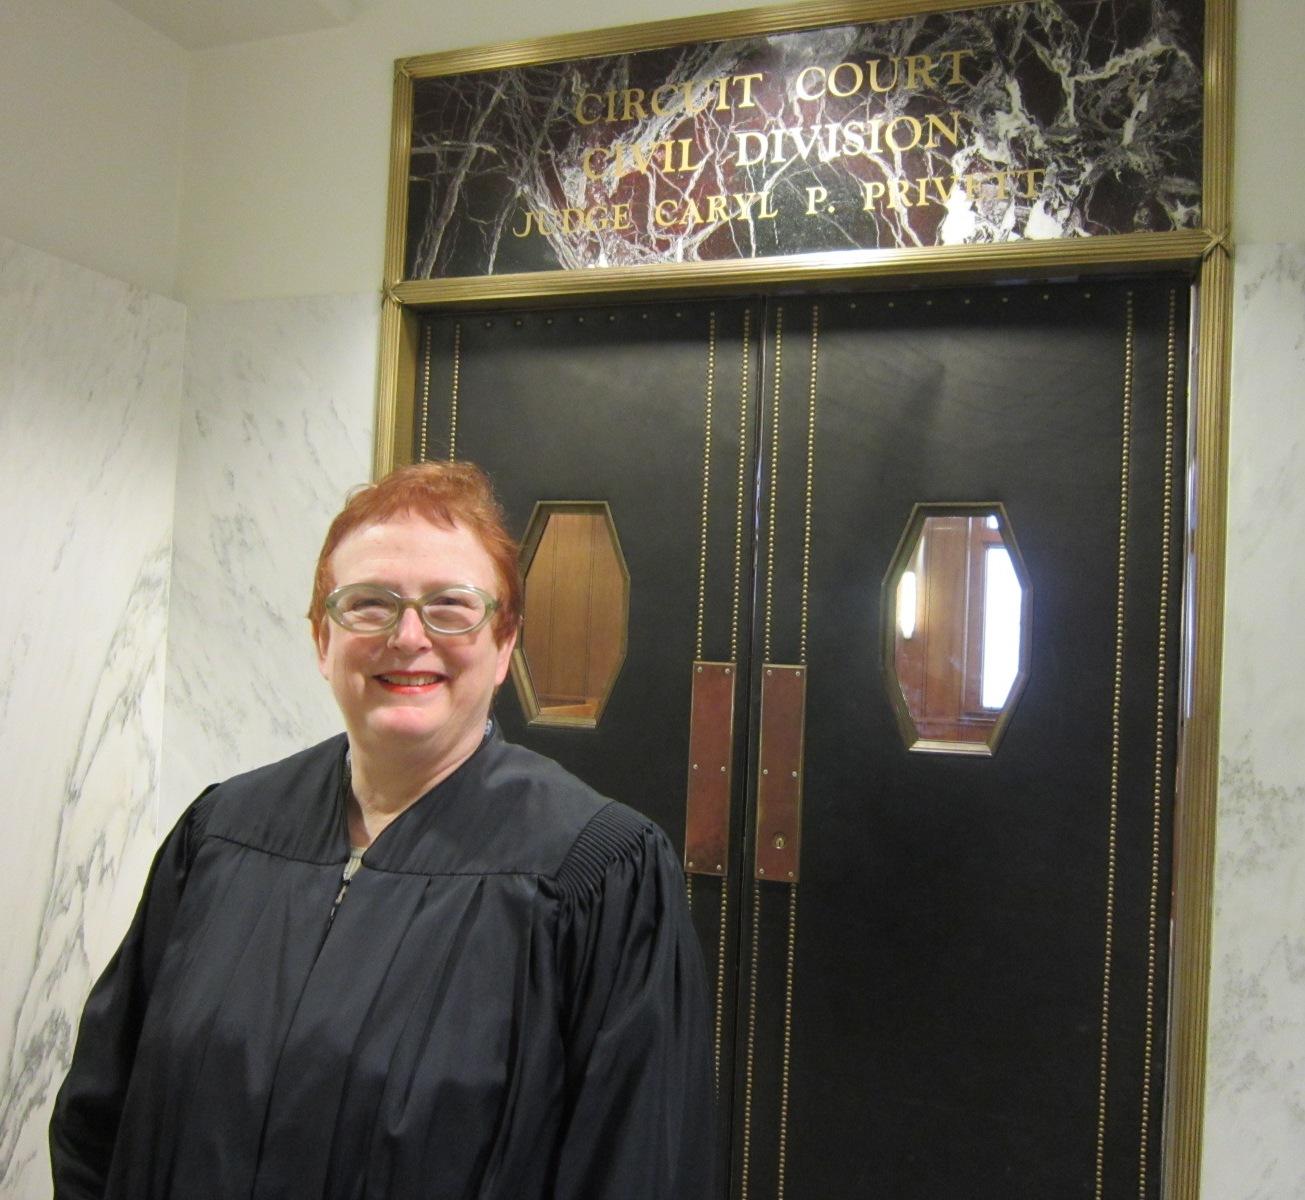 Judge Privett outside her courtroom.JPG